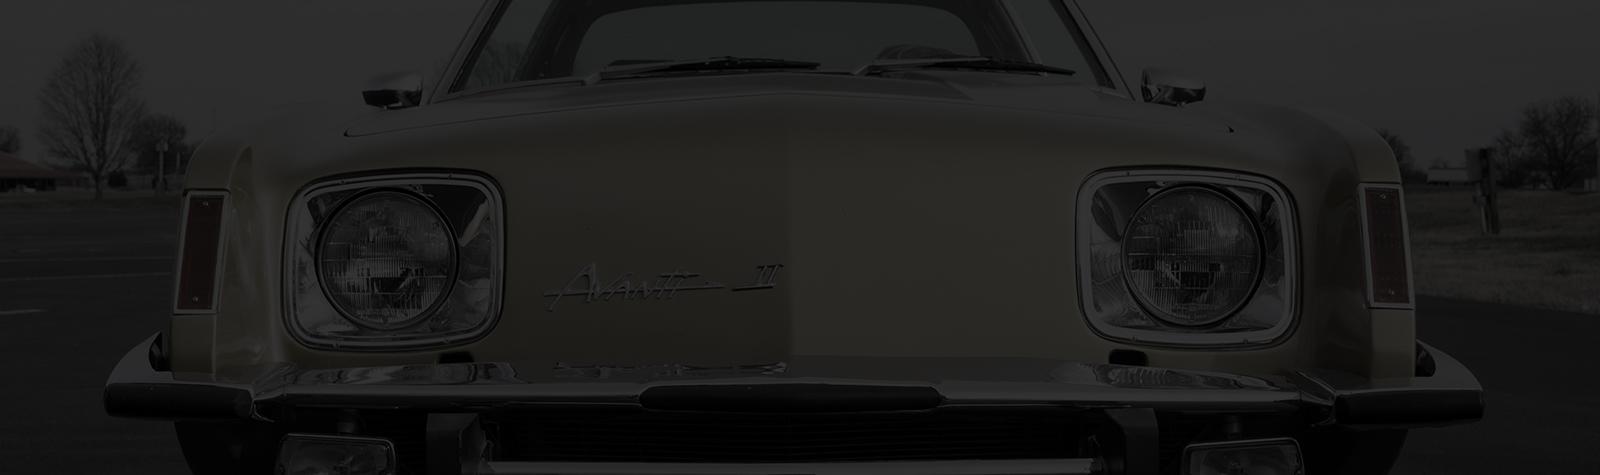 Corvette Powered Exhibit Coming to NCM